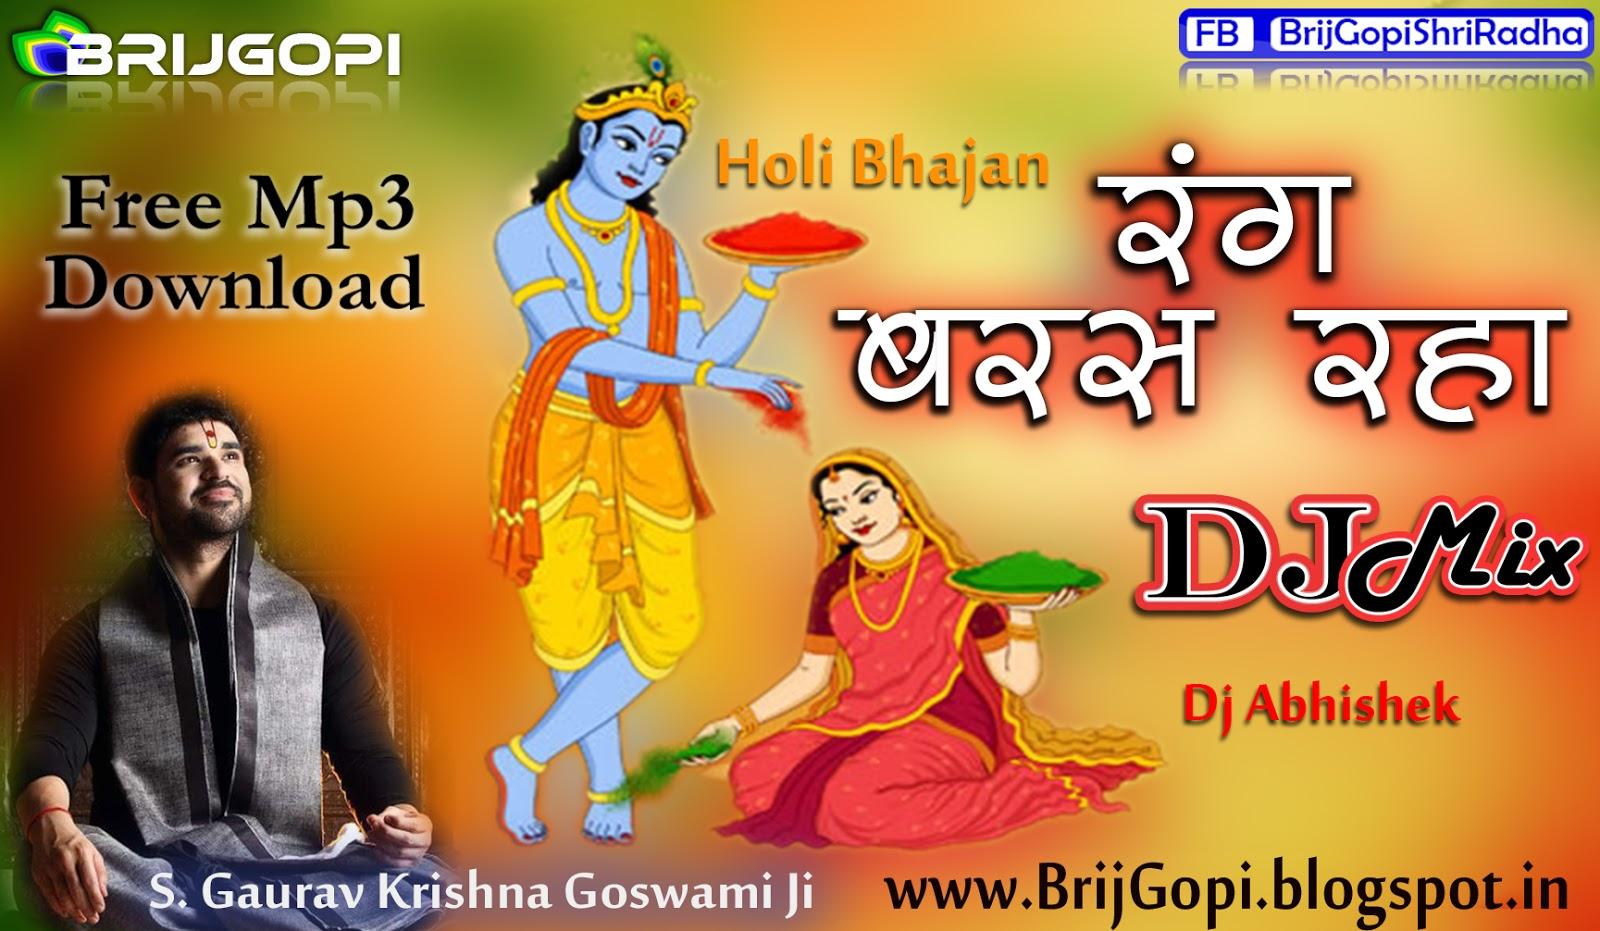 Holi Khel Rahe (Gaurav Krishna Goswami) Dj Abhishek Mix